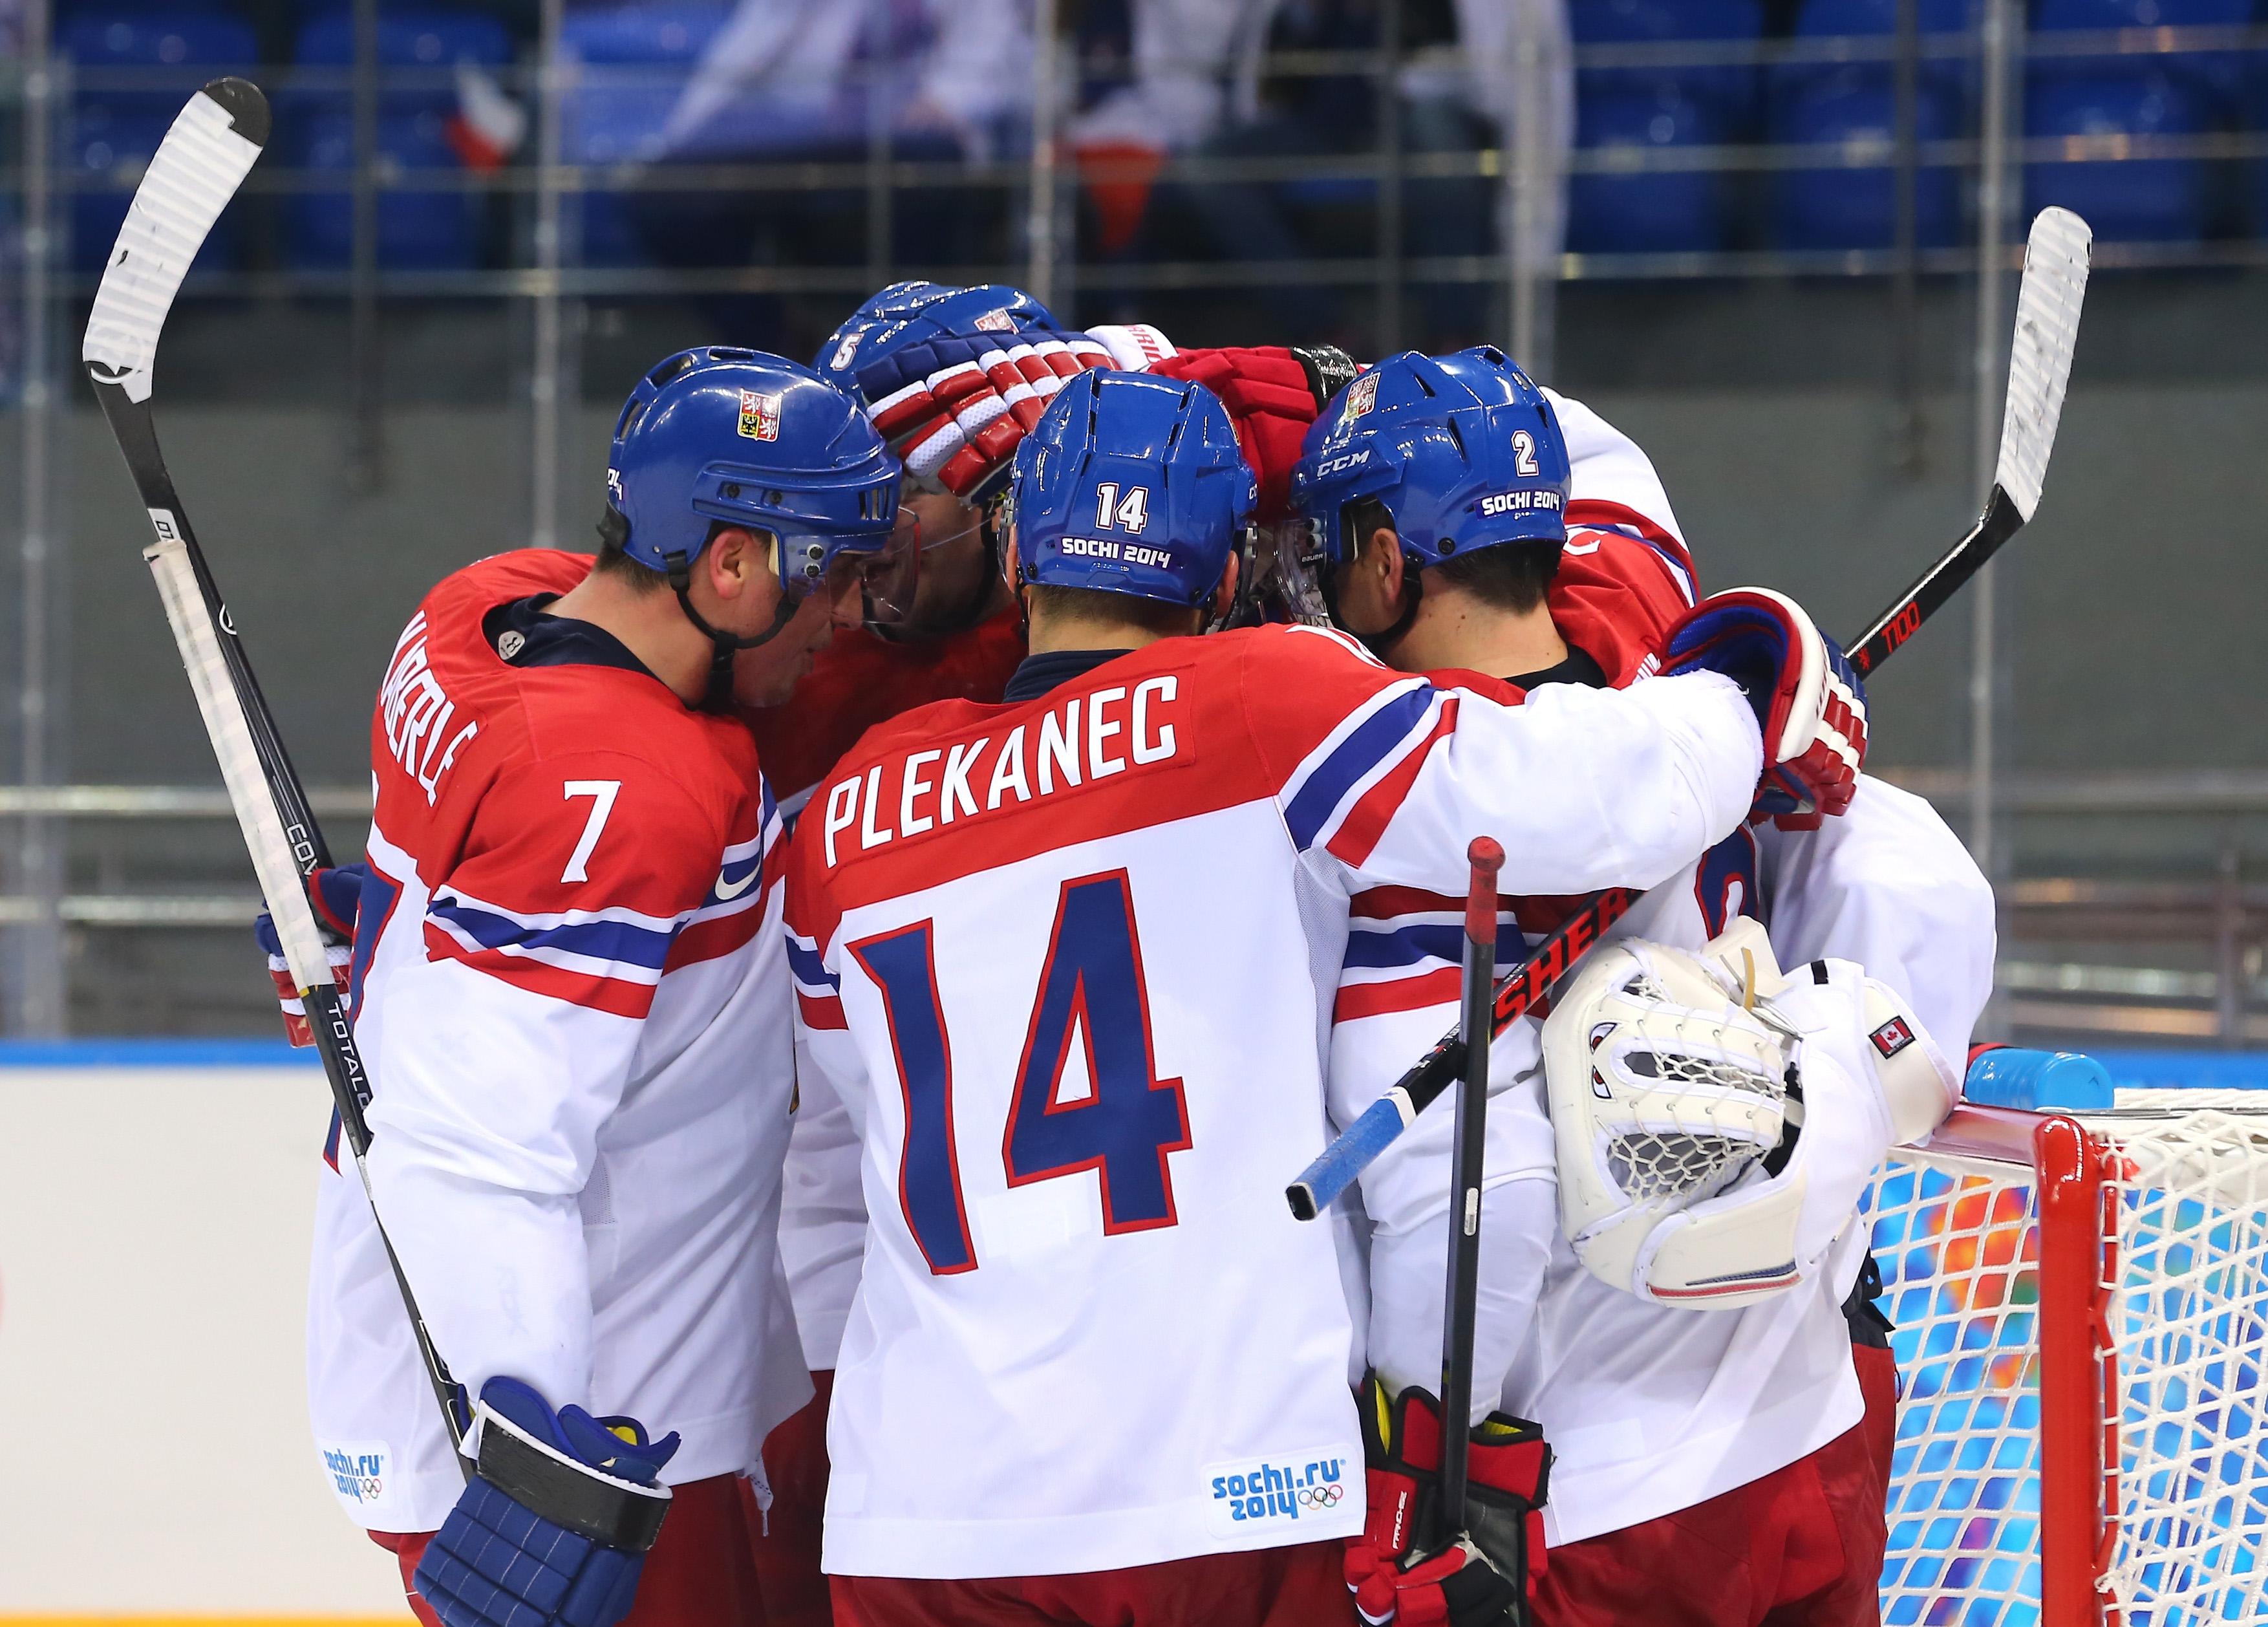 Ice Hockey - Winter Olympics Day 11 - Czech Republic v Slovakia